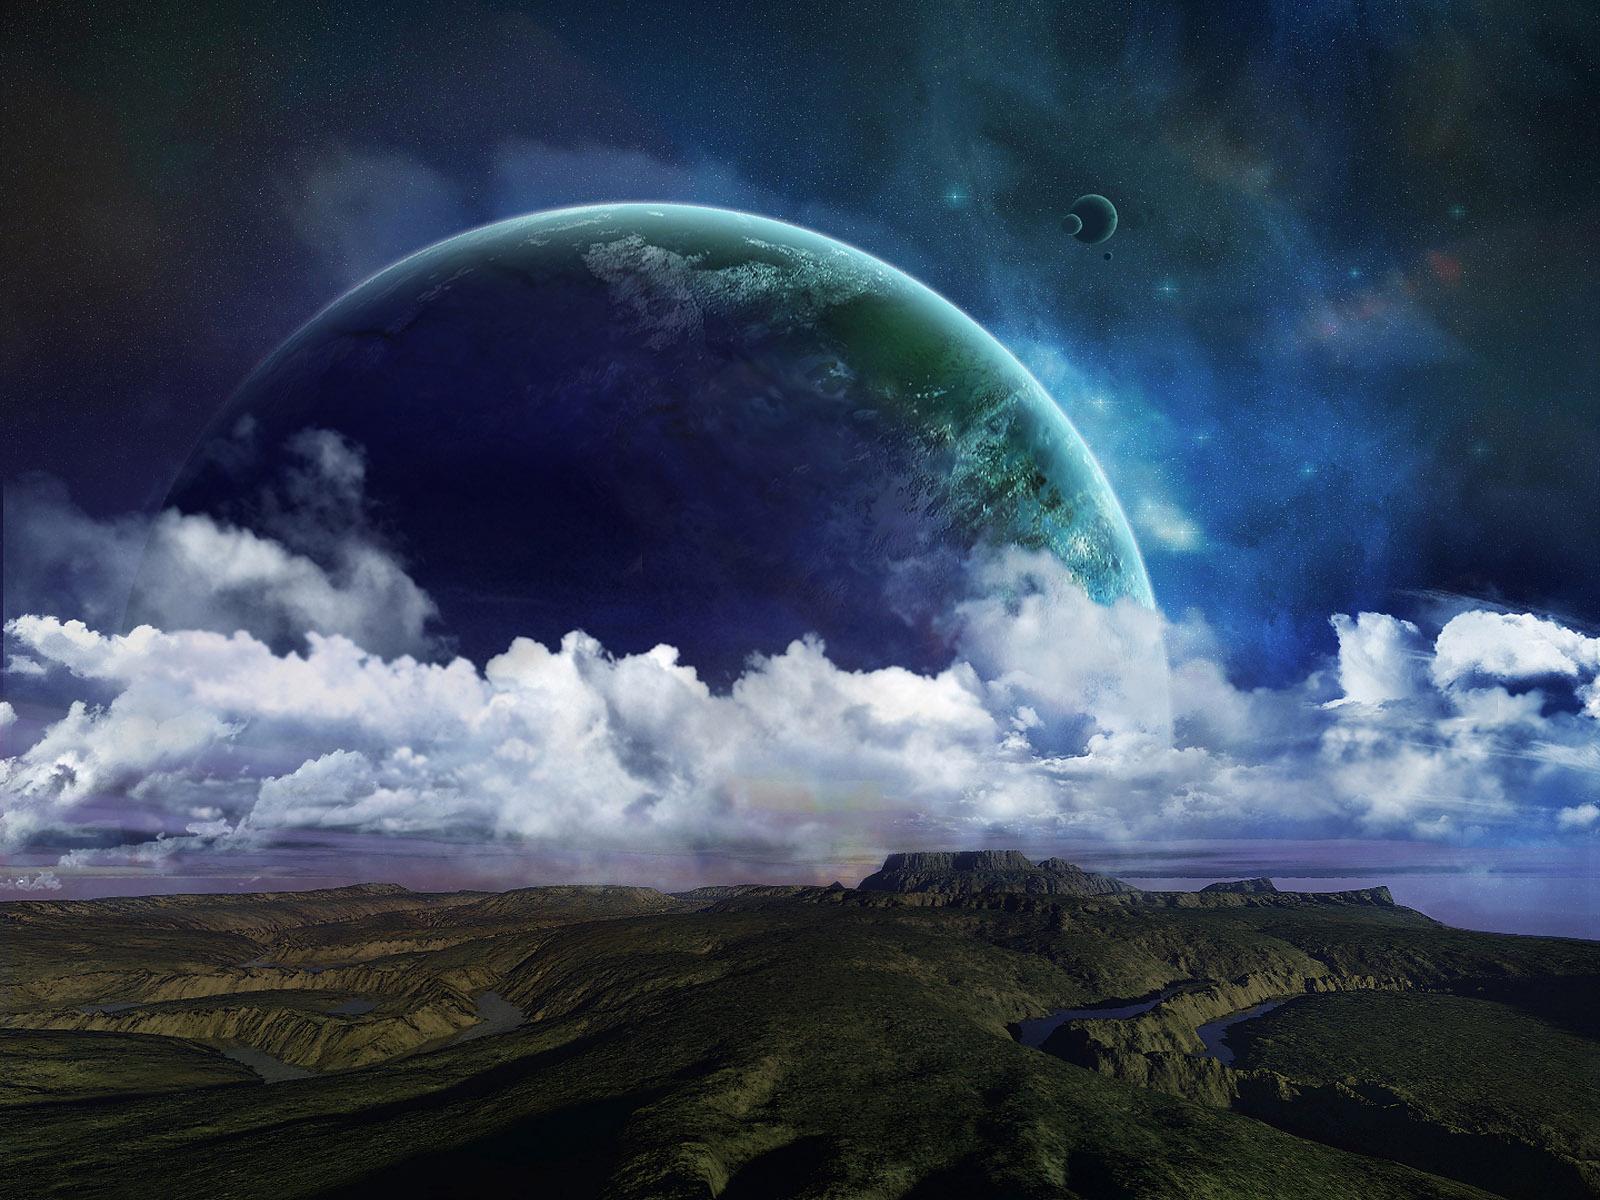 луна на фоне облаков, большая, скачать фото